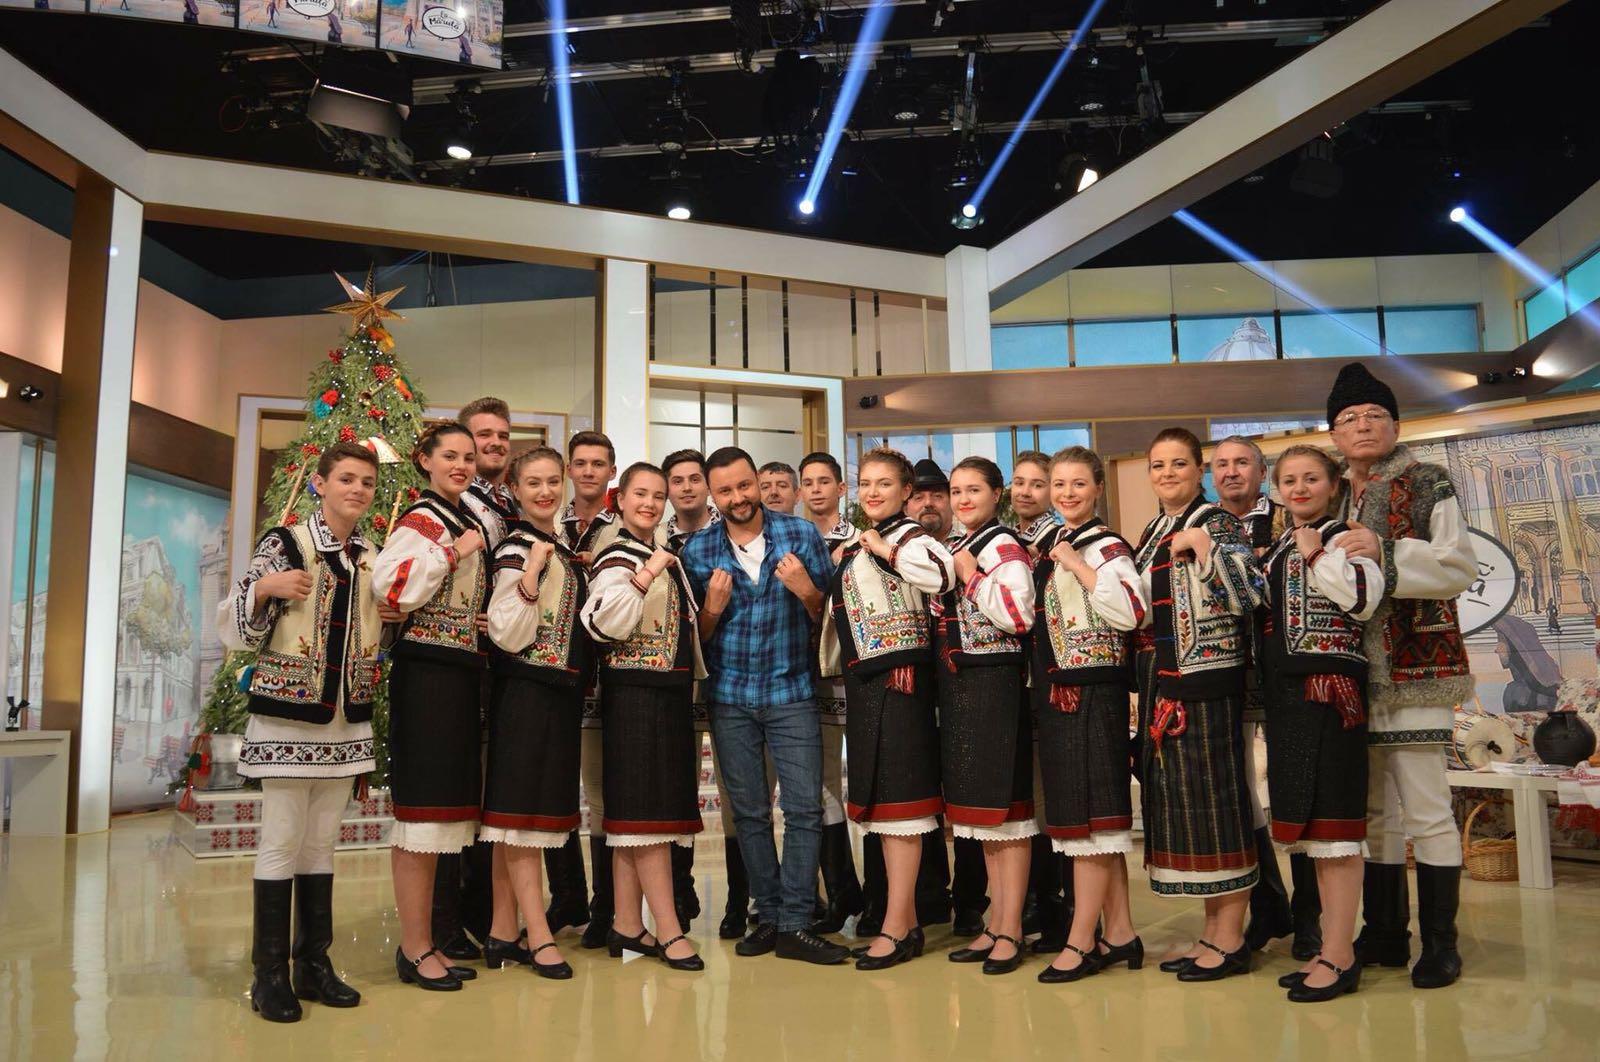 """Ansamblul Folcloric """"Brâul Roșu"""" din Neamț, în concurs la ProTV de Ziua Unirii Principatelor"""